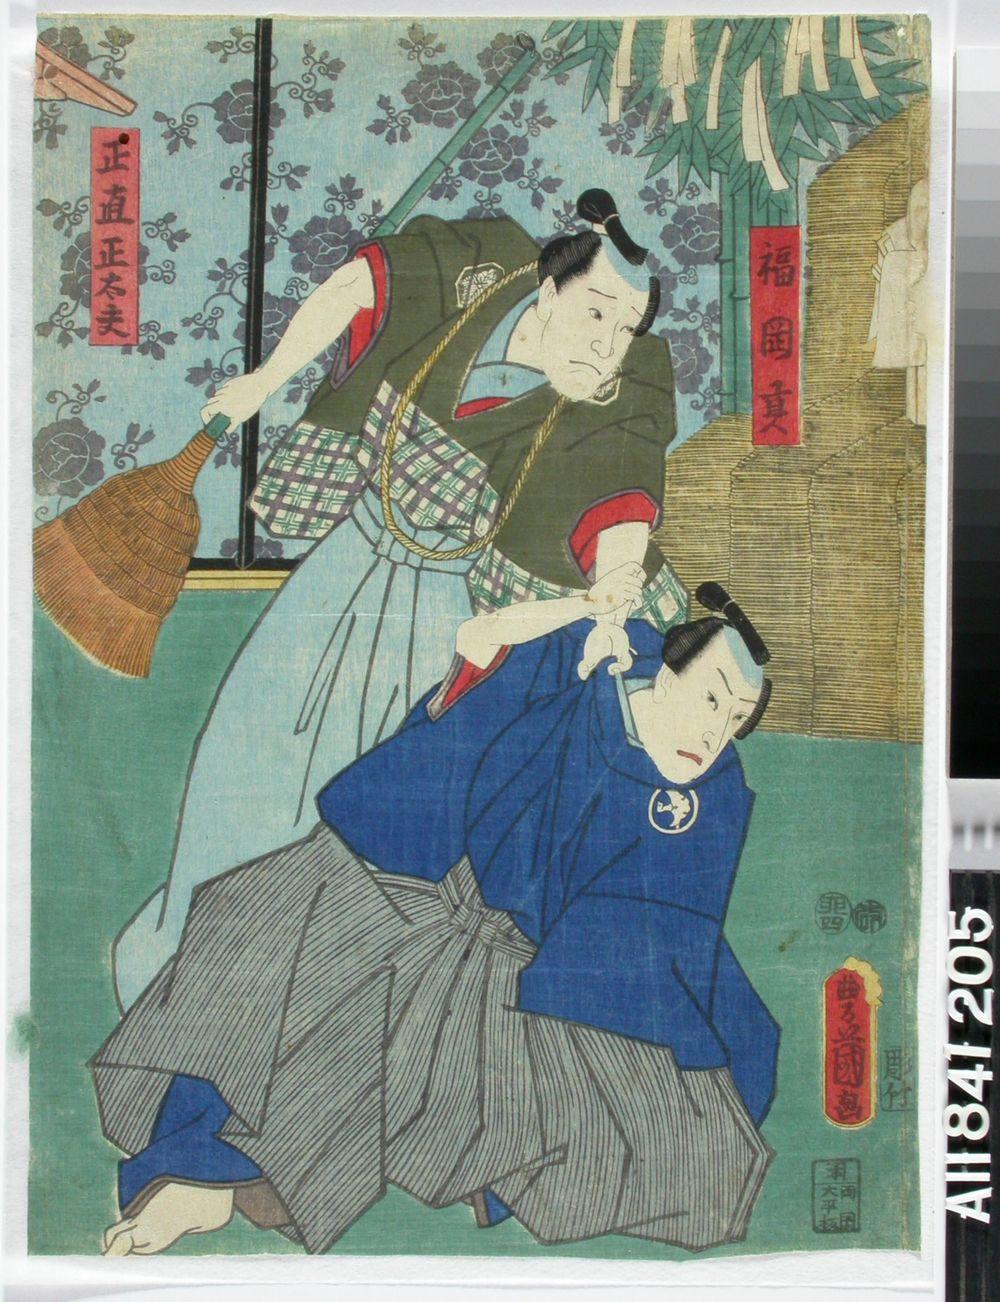 Näyttelijät Ichikawa Gado ja Ichikawa Ichizo näytelmässä Iseondo koi no minato (Isen tanssilaulu lemmen satamassa)